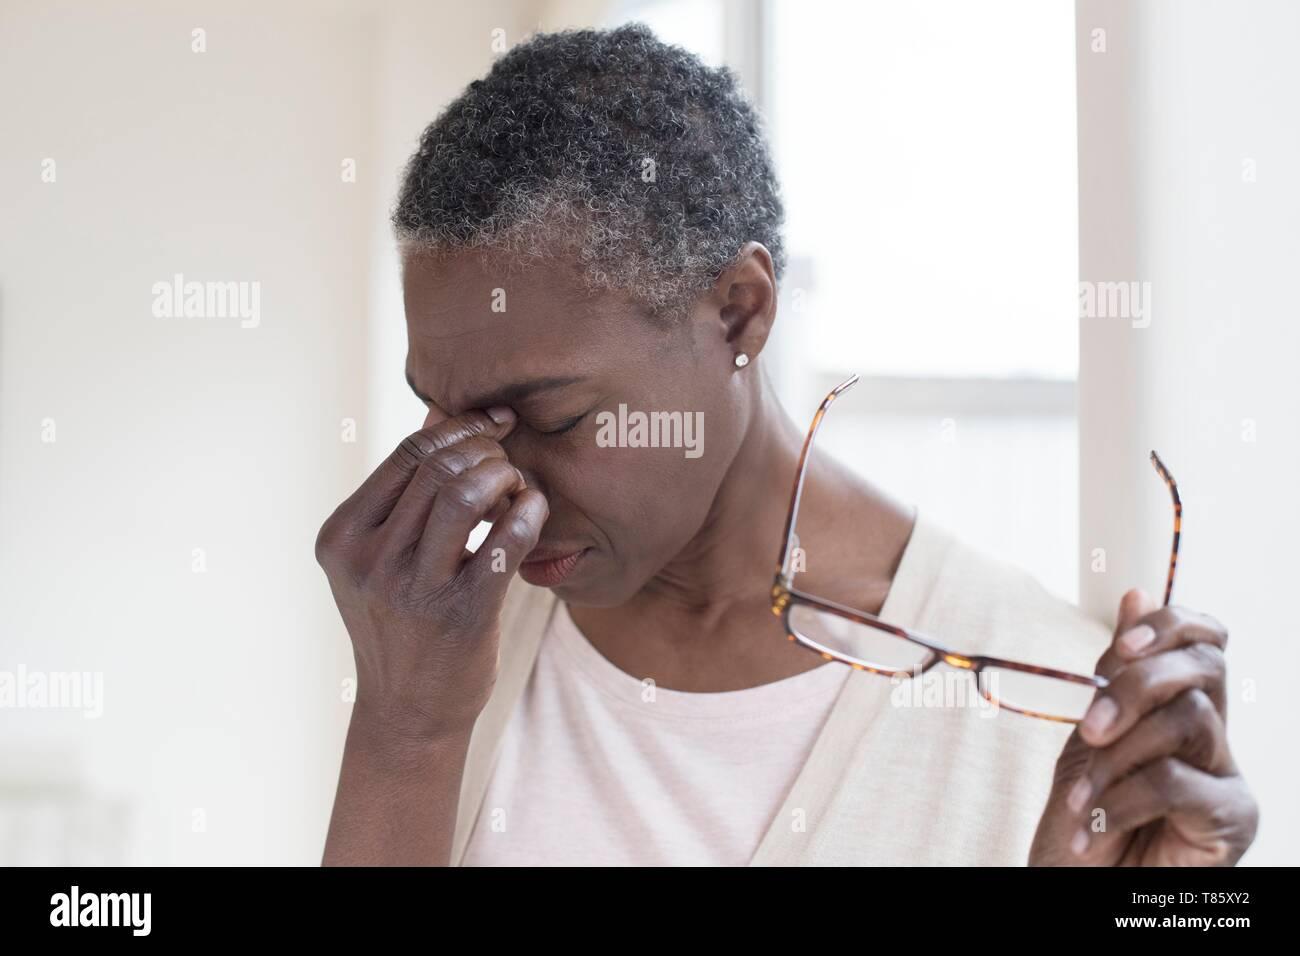 Woman touching bridge of nose - Stock Image